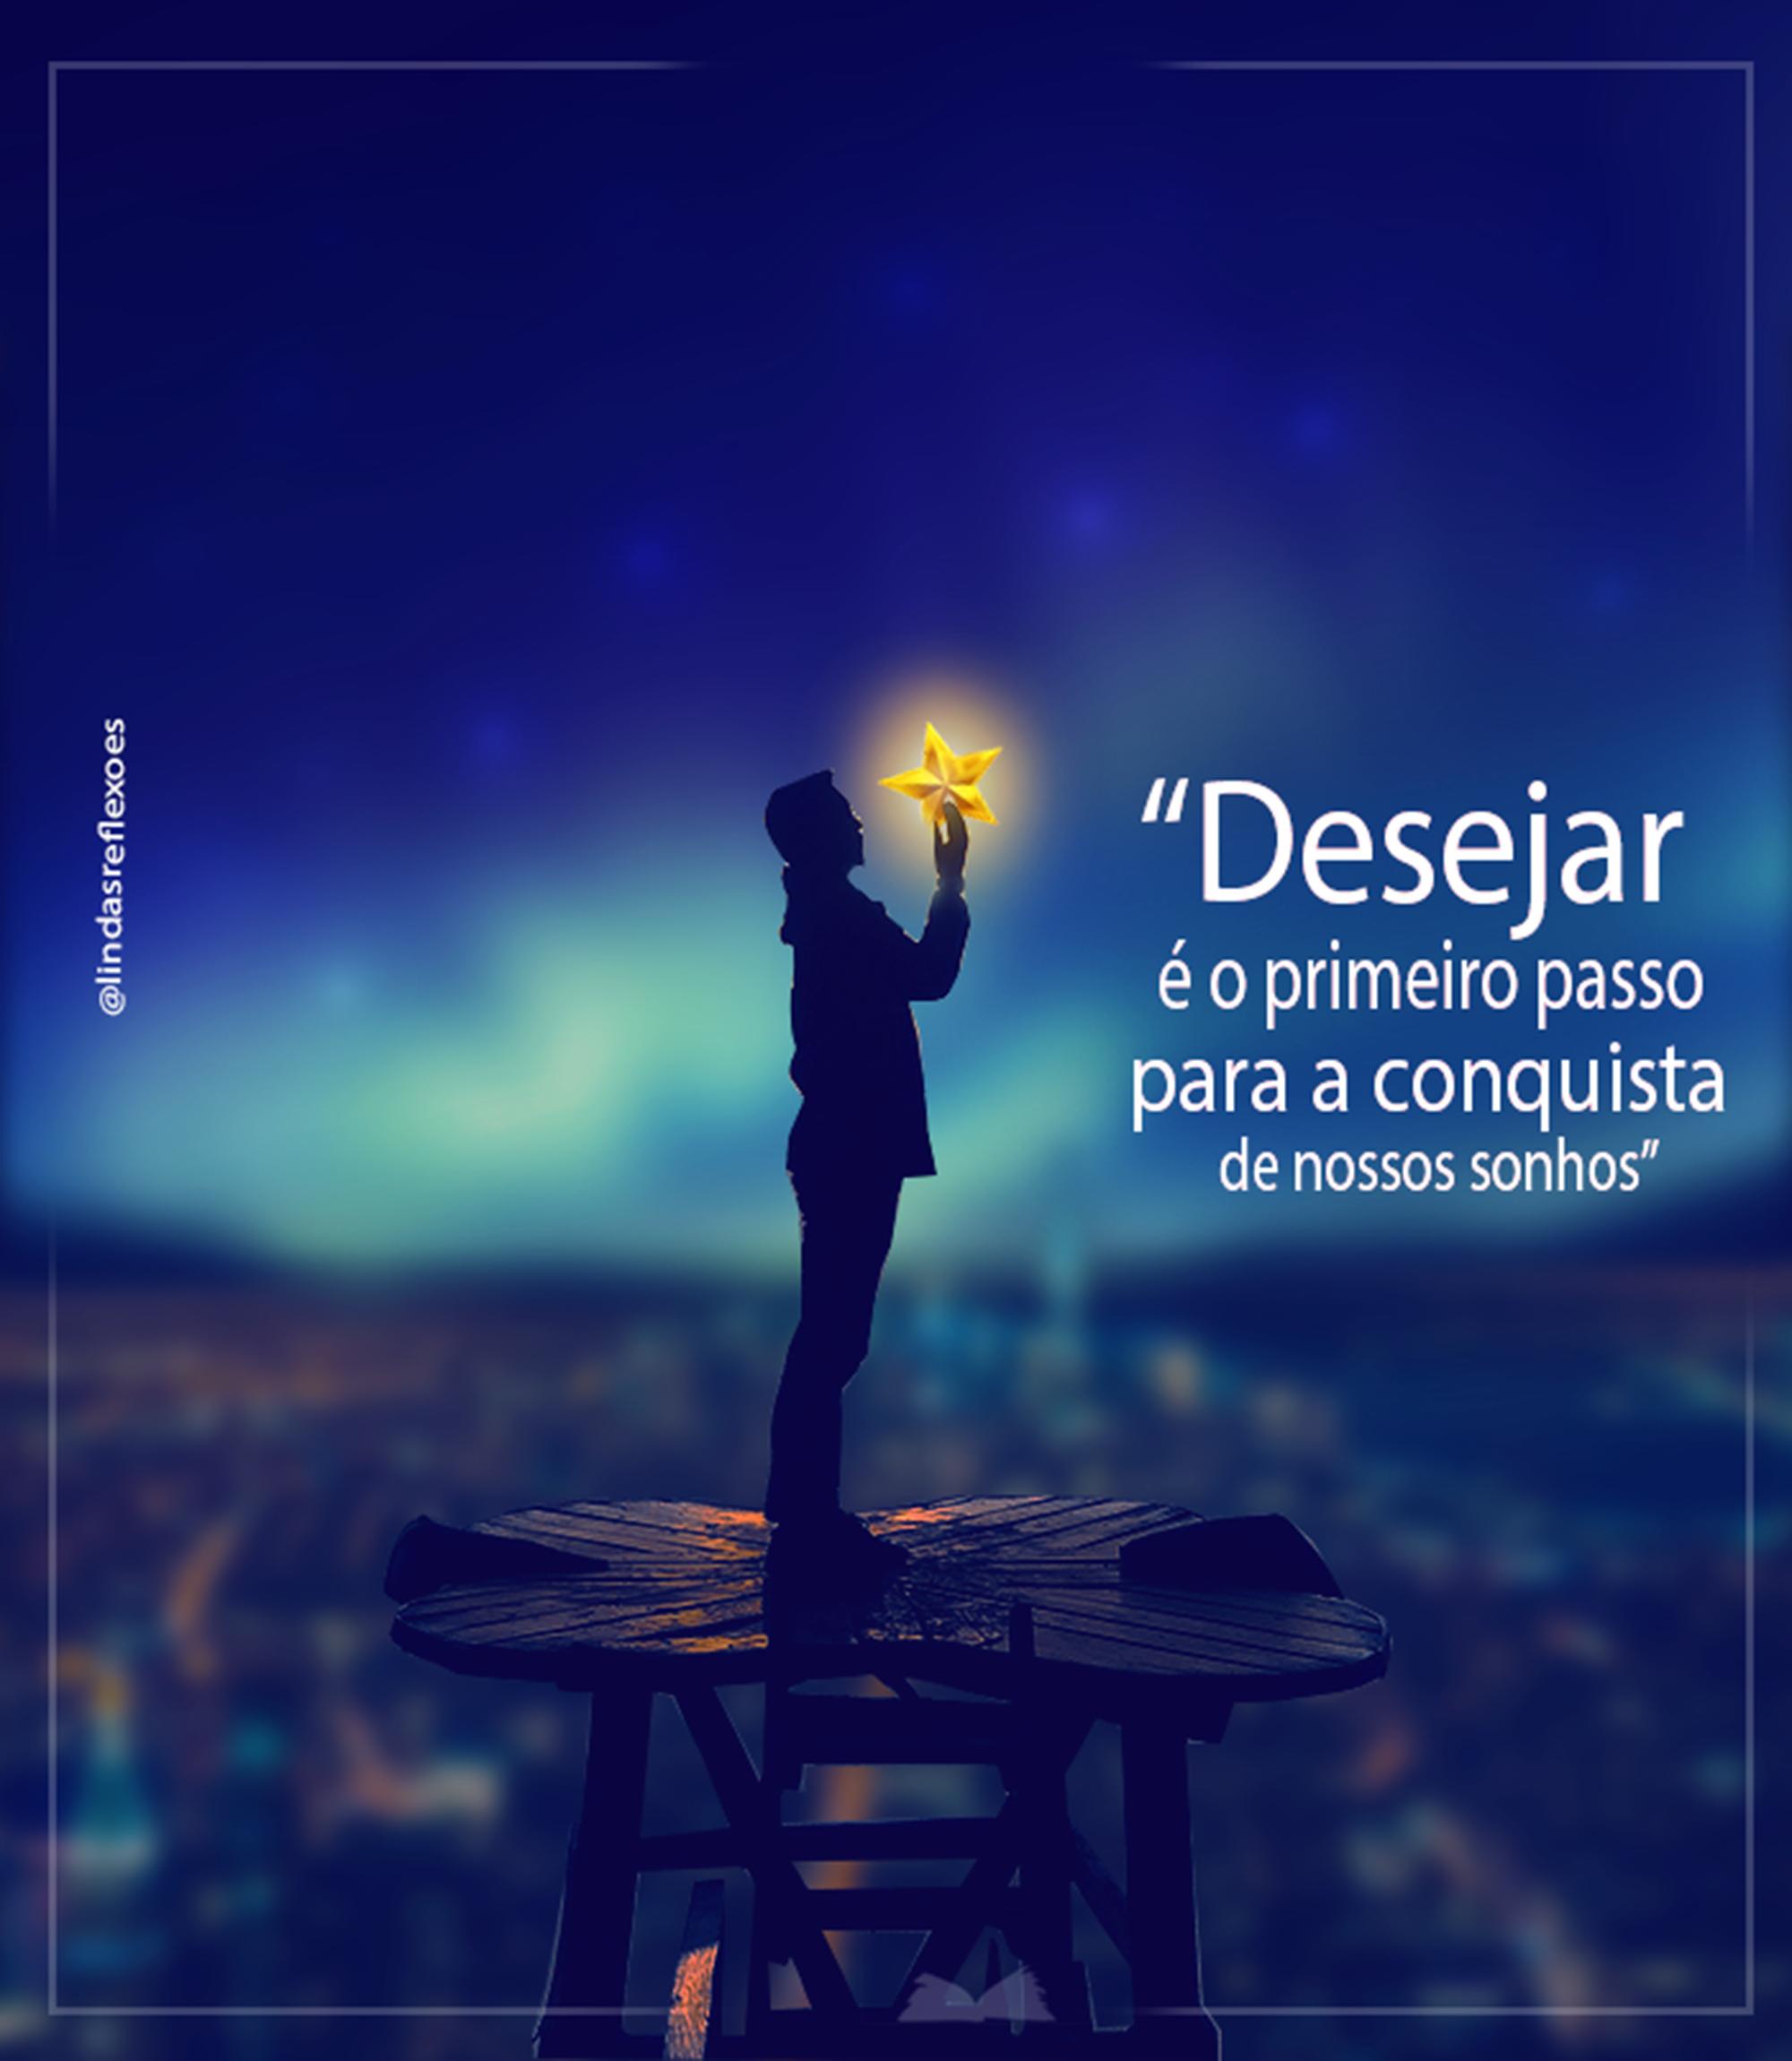 Desejar é o primeiro passo para a conquista de nossos sonhos.